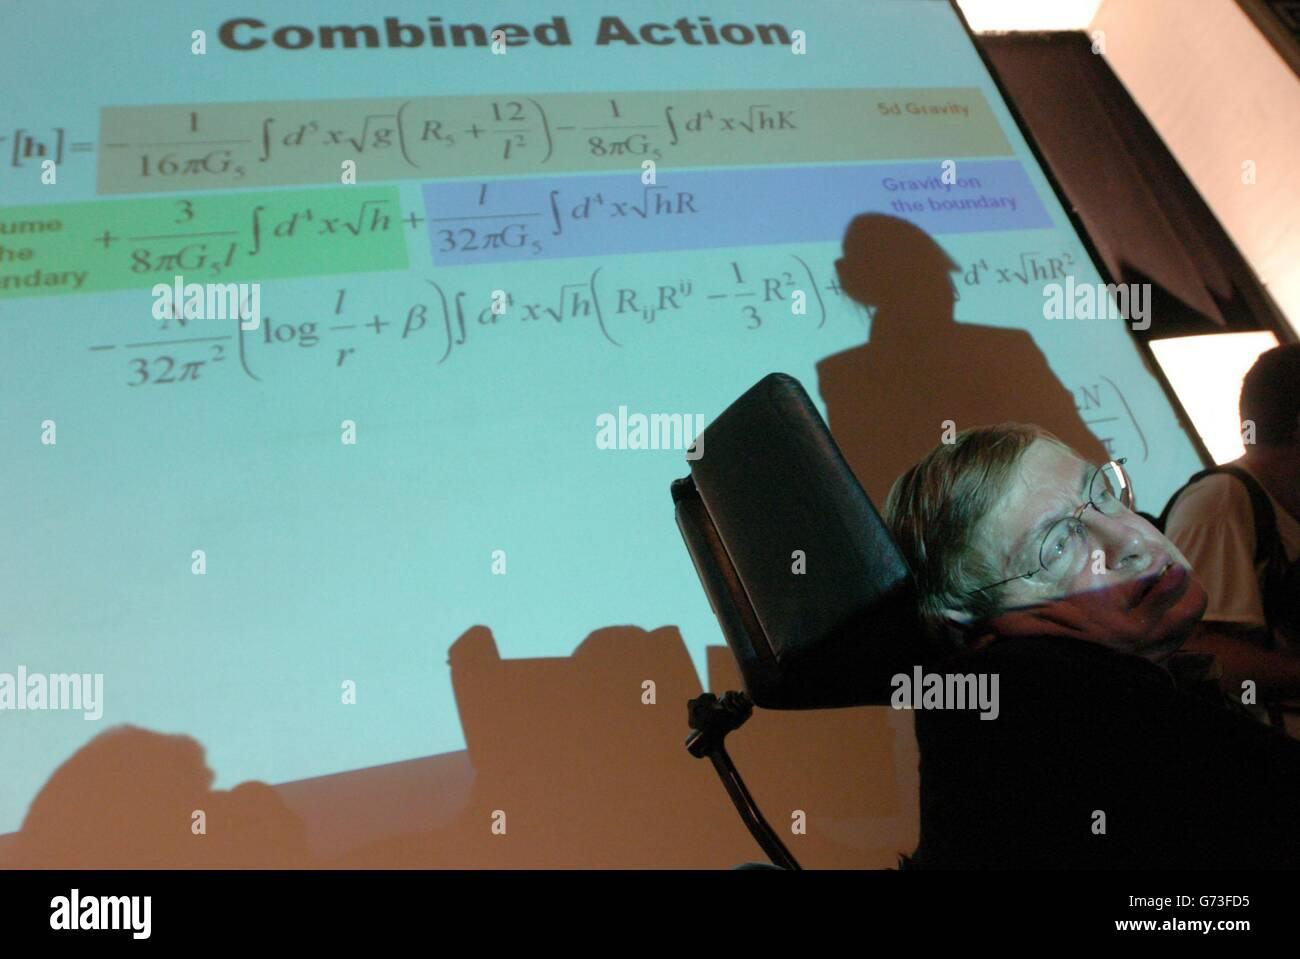 Stephen Hawking Space Stock Photos & Stephen Hawking Space ...